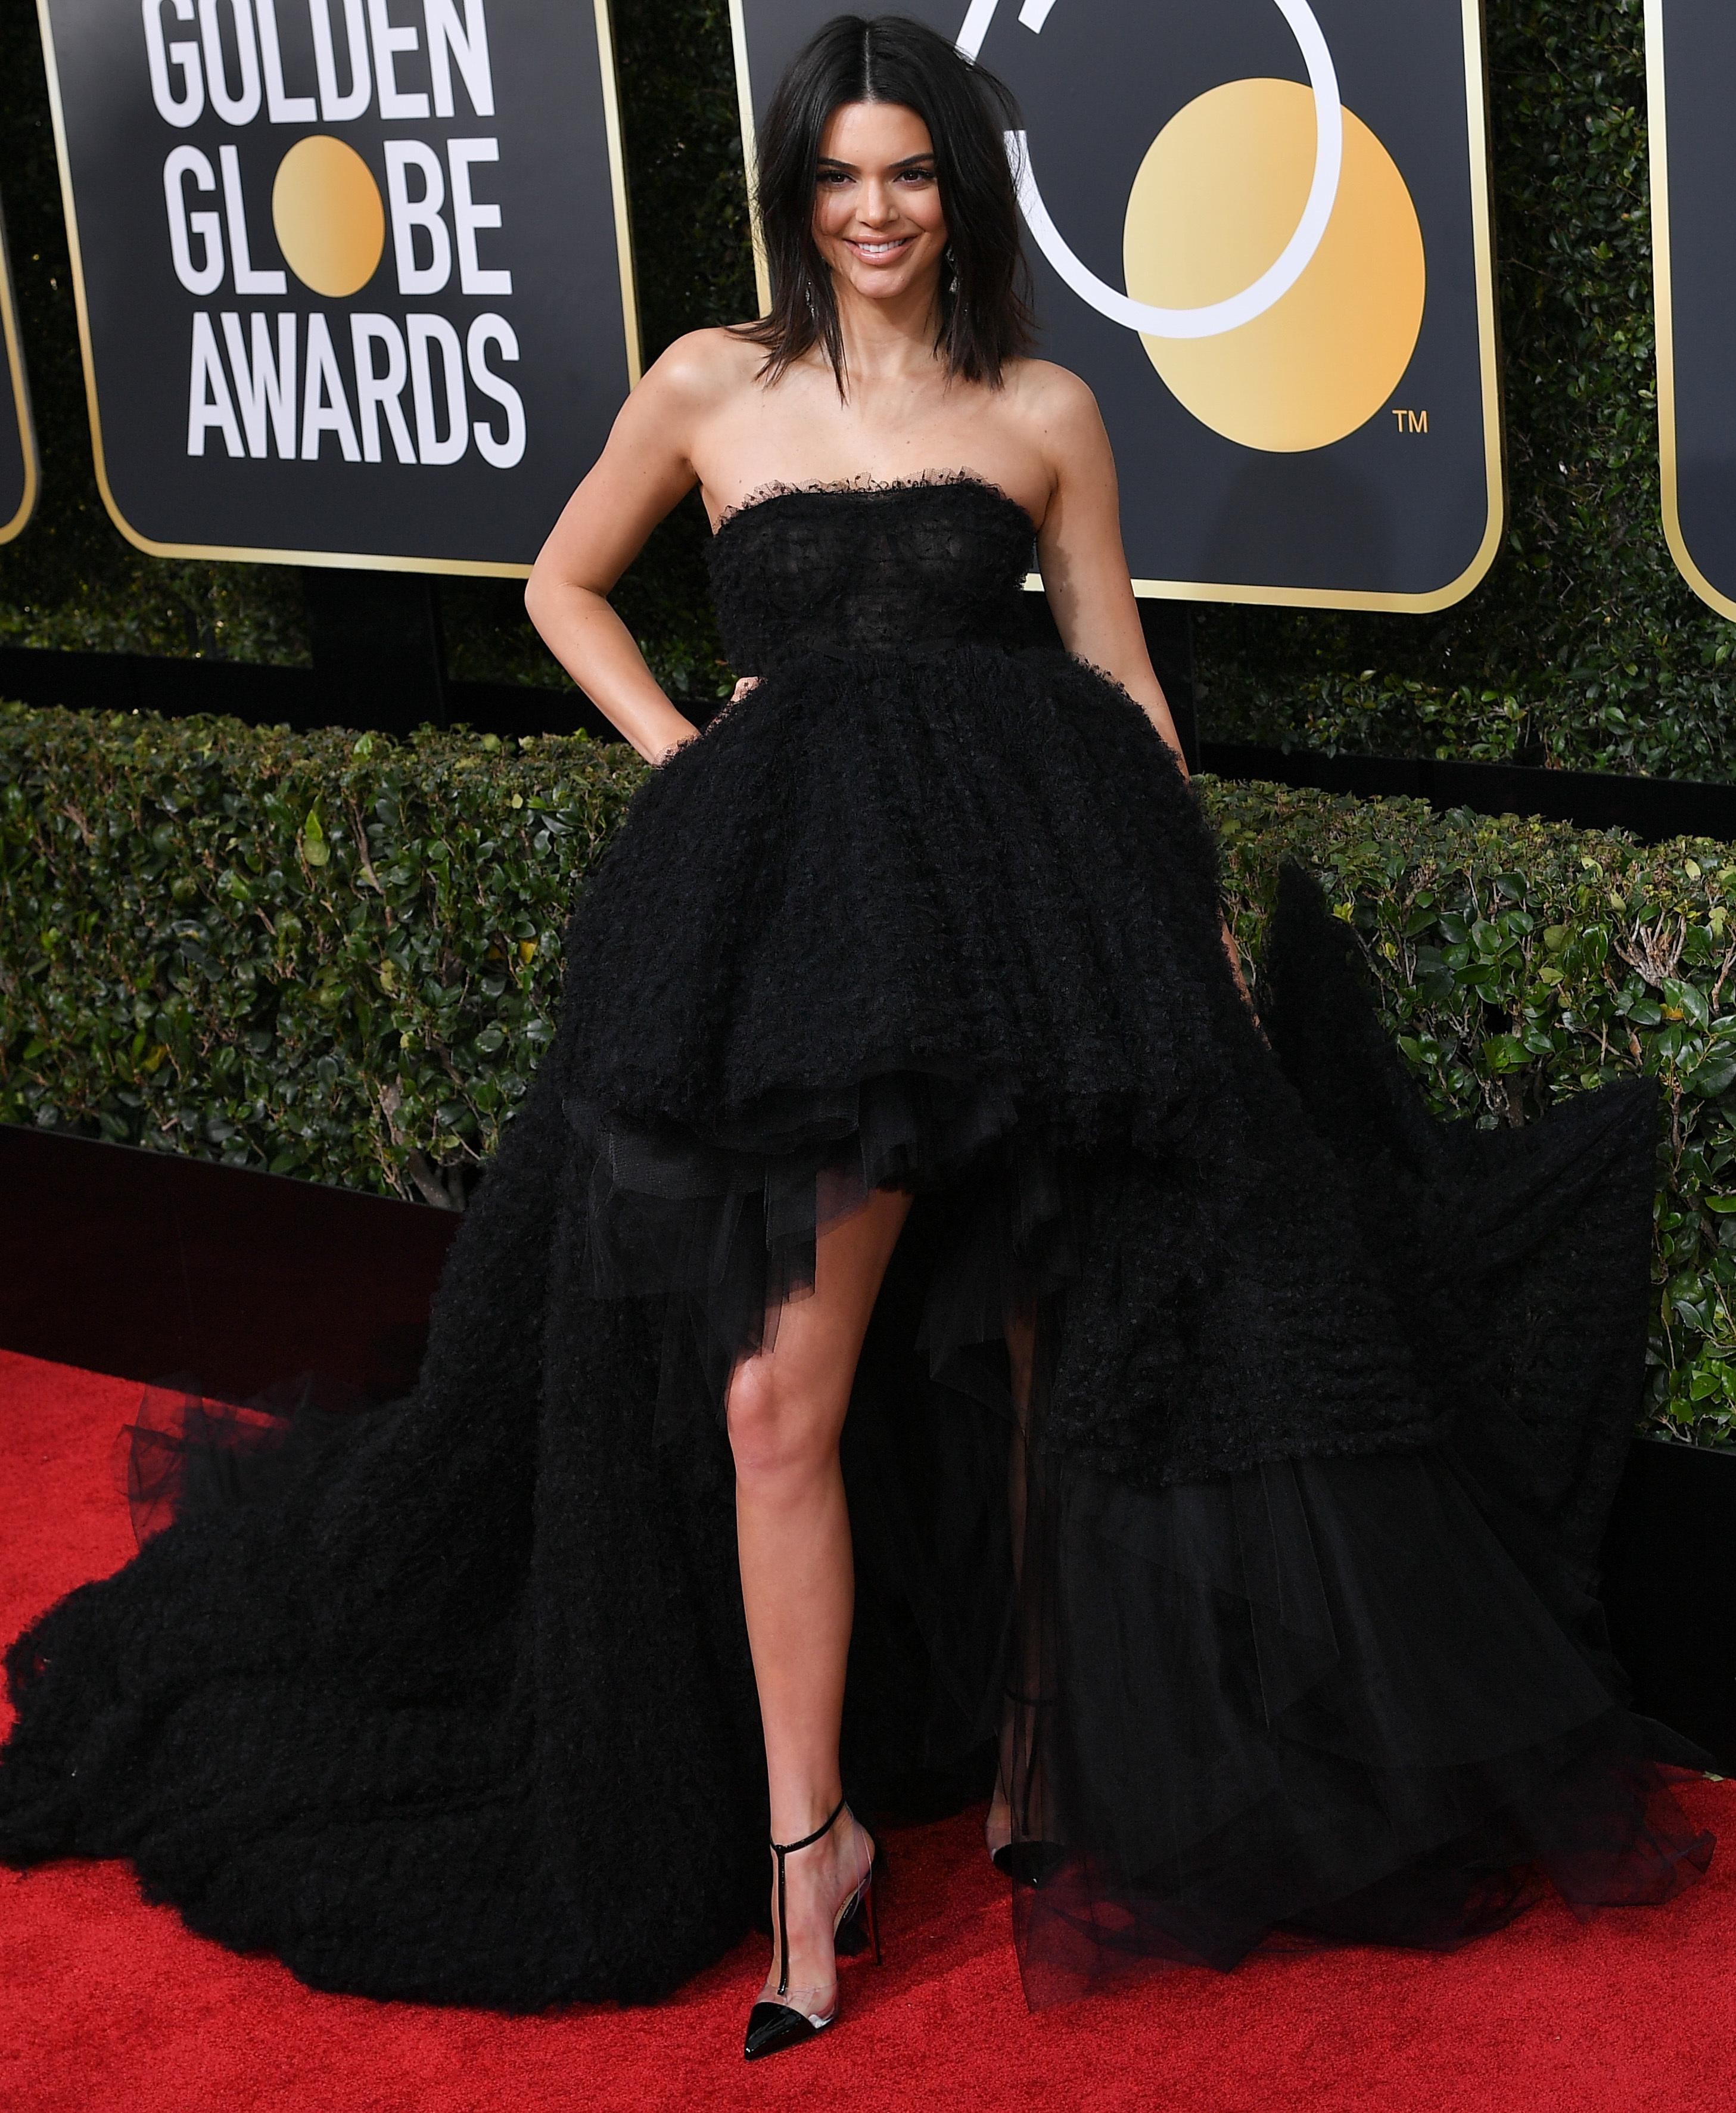 Kendall Jenner slams acne critics after Golden Globes